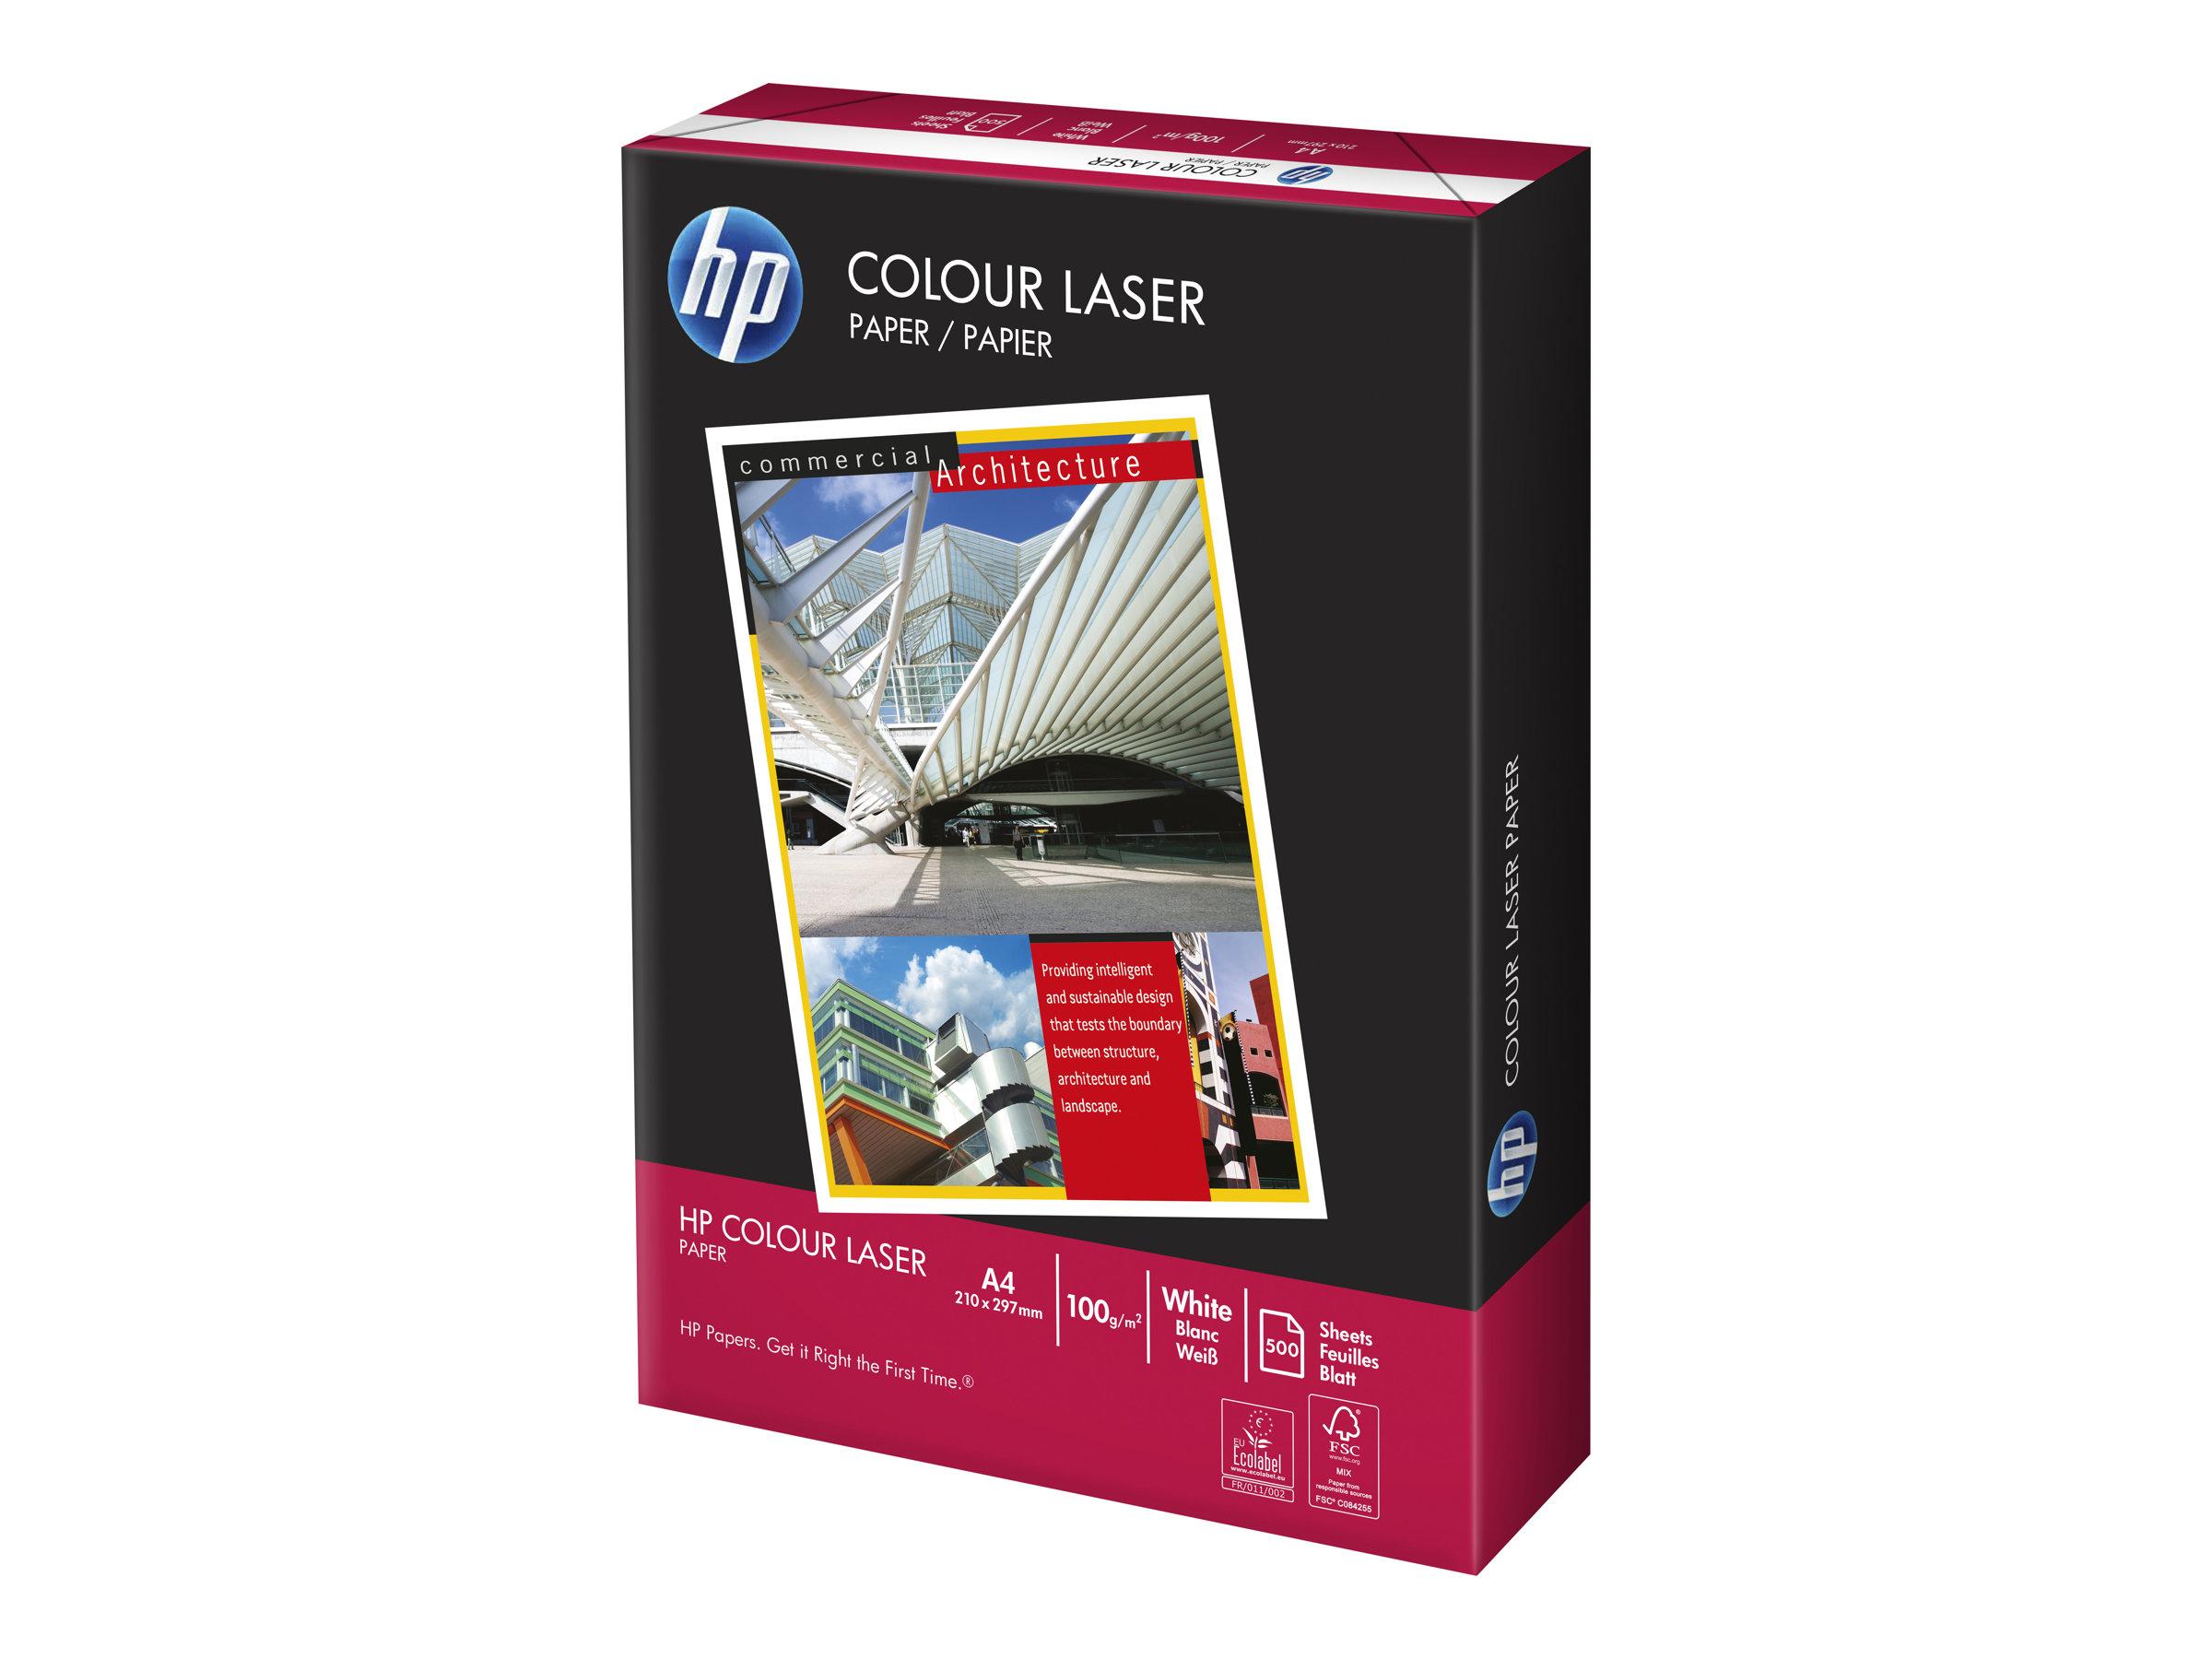 HP Color Laser Paper - A4 (210 x 297 mm) - 100 g/m²